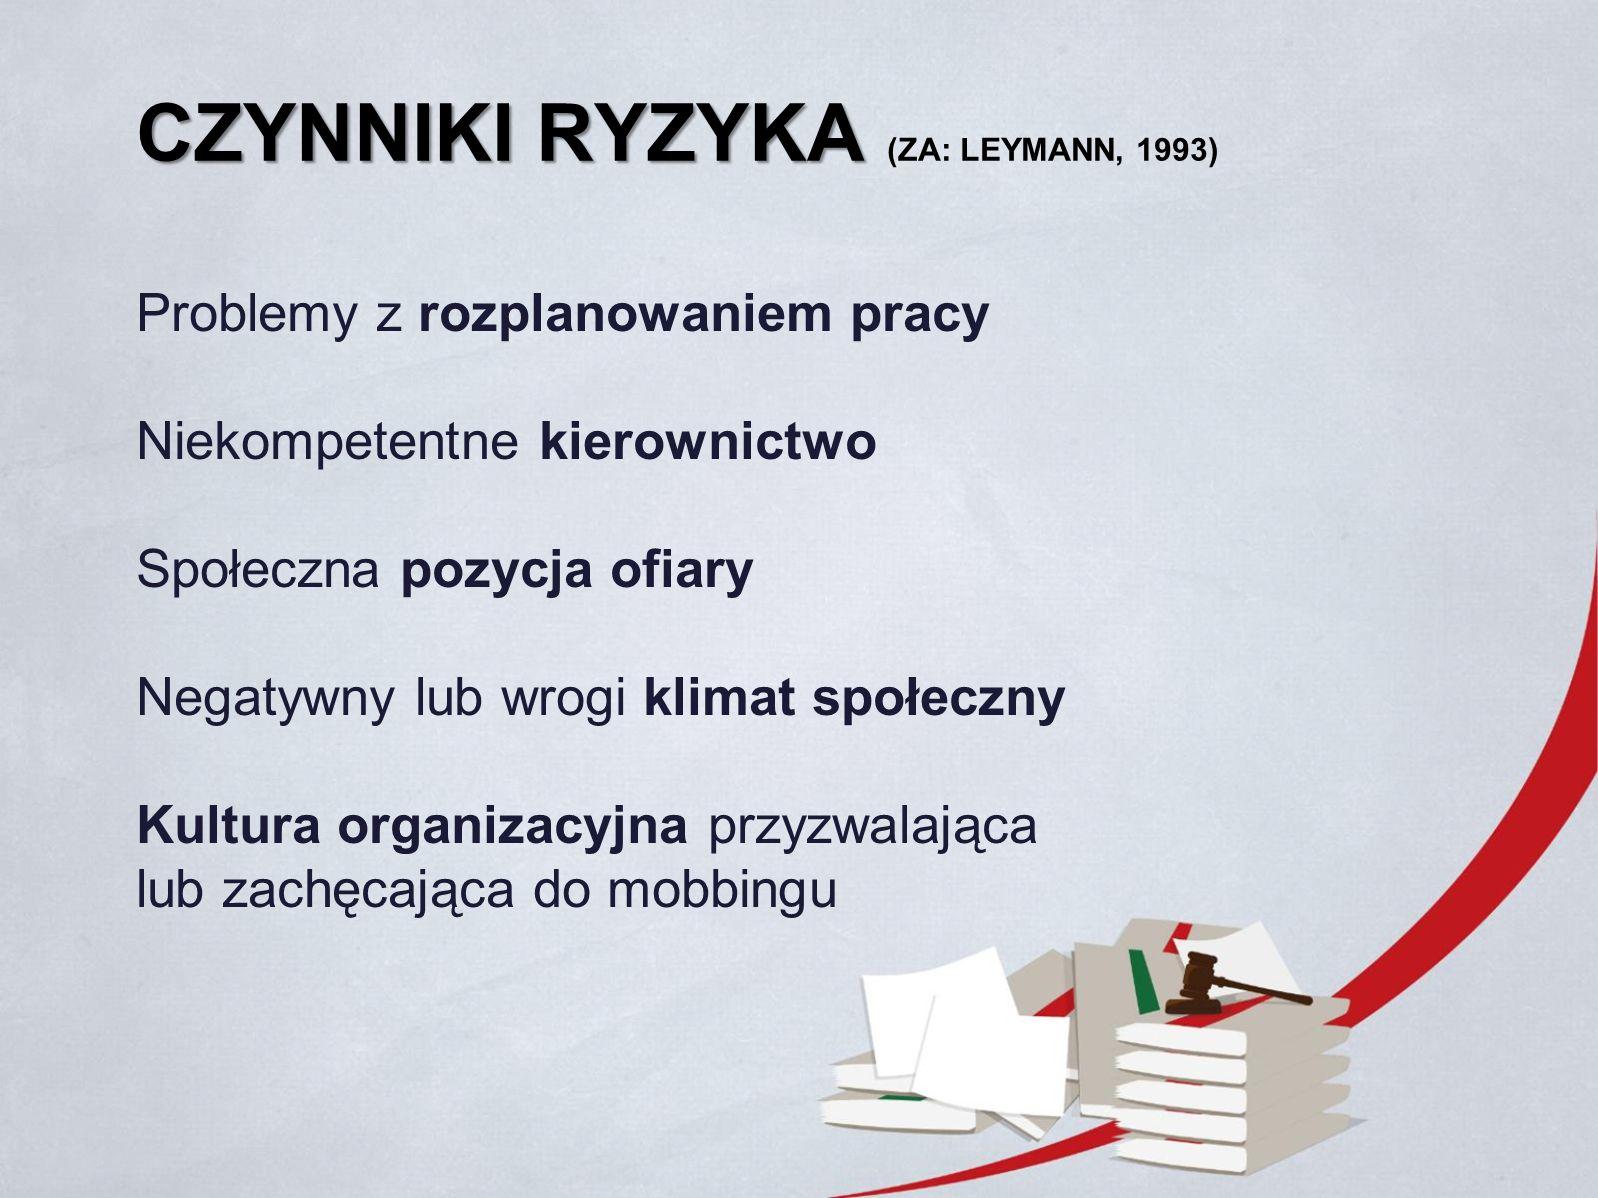 Czynniki ryzyka (za: Leymann, 1993)